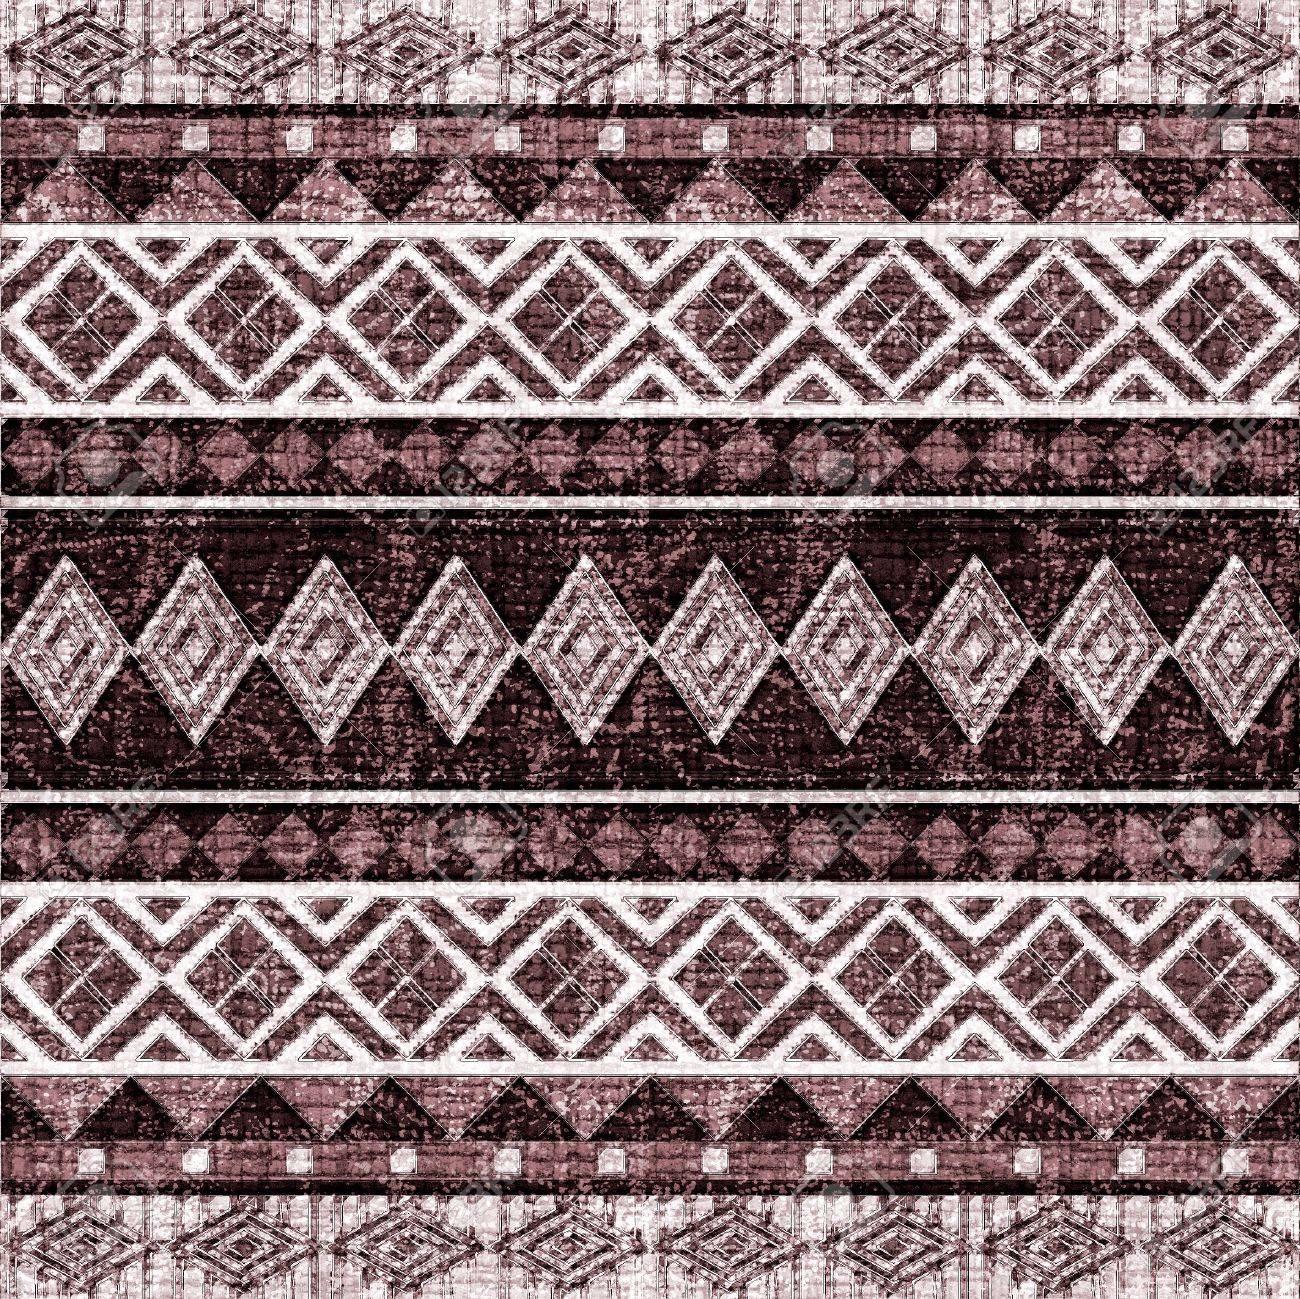 Ethno Muster nahtlose muster im orientalischen stil bunten geschenkpapier mit